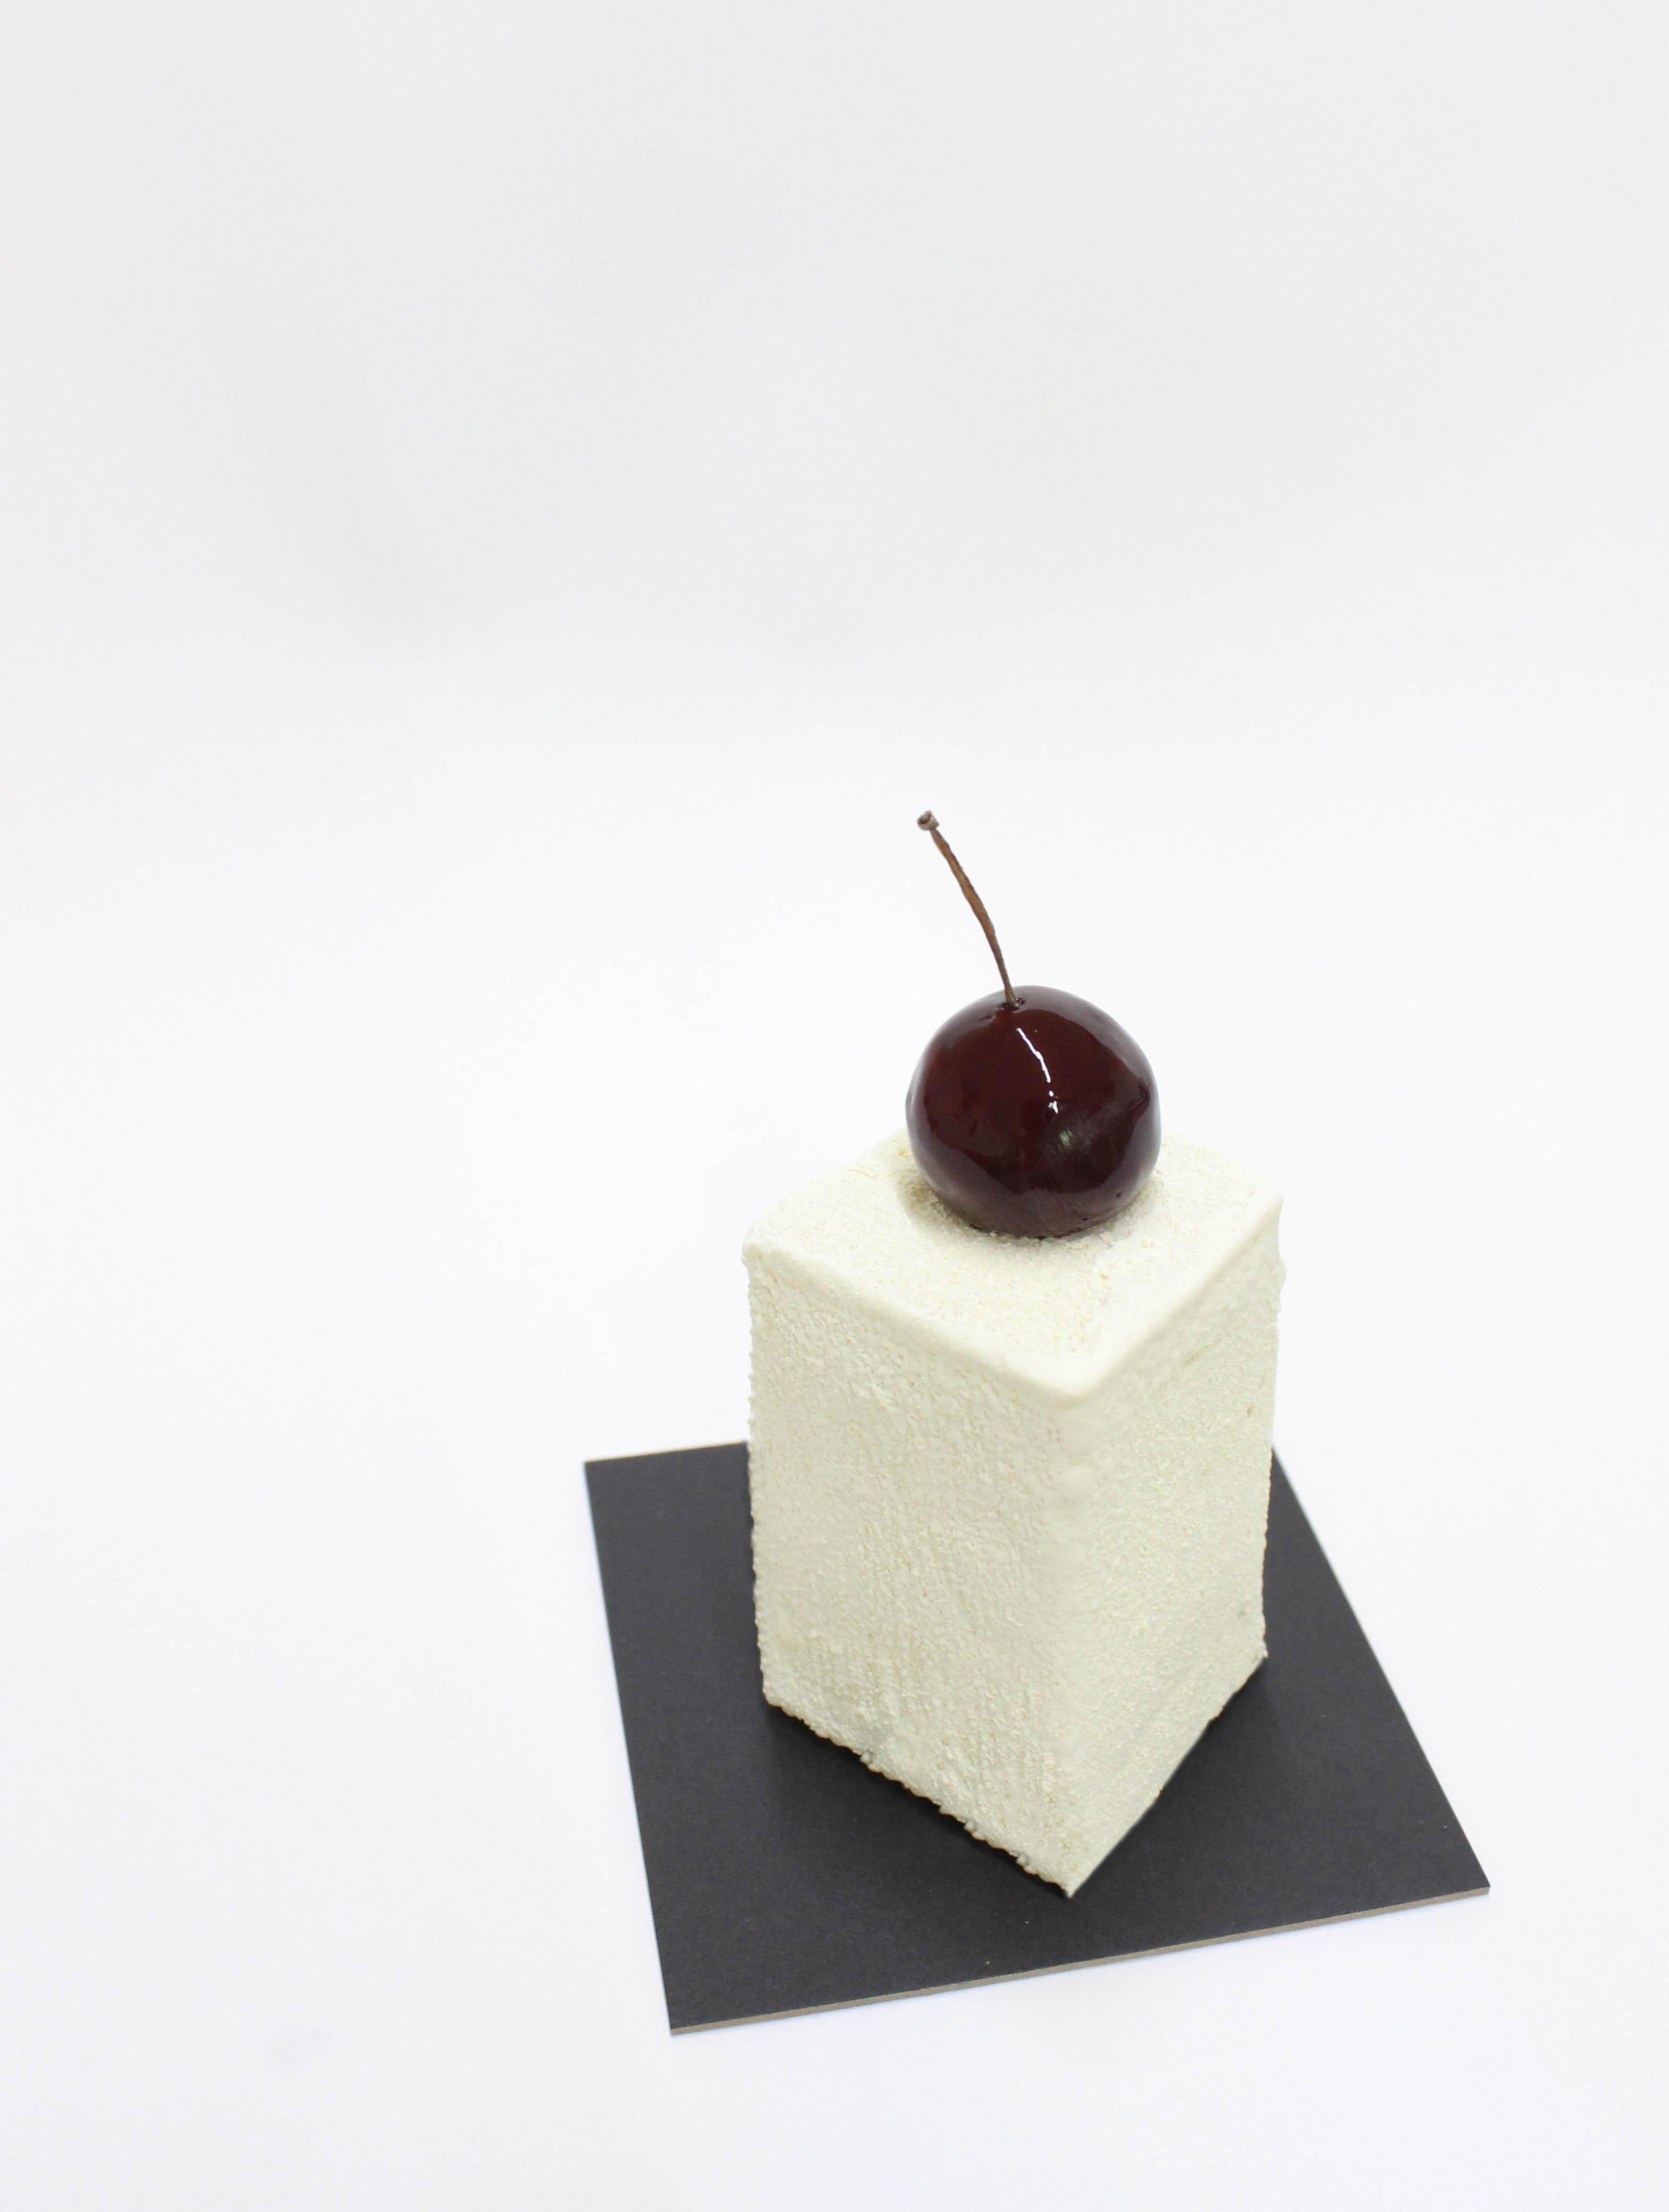 Cherry (2014)